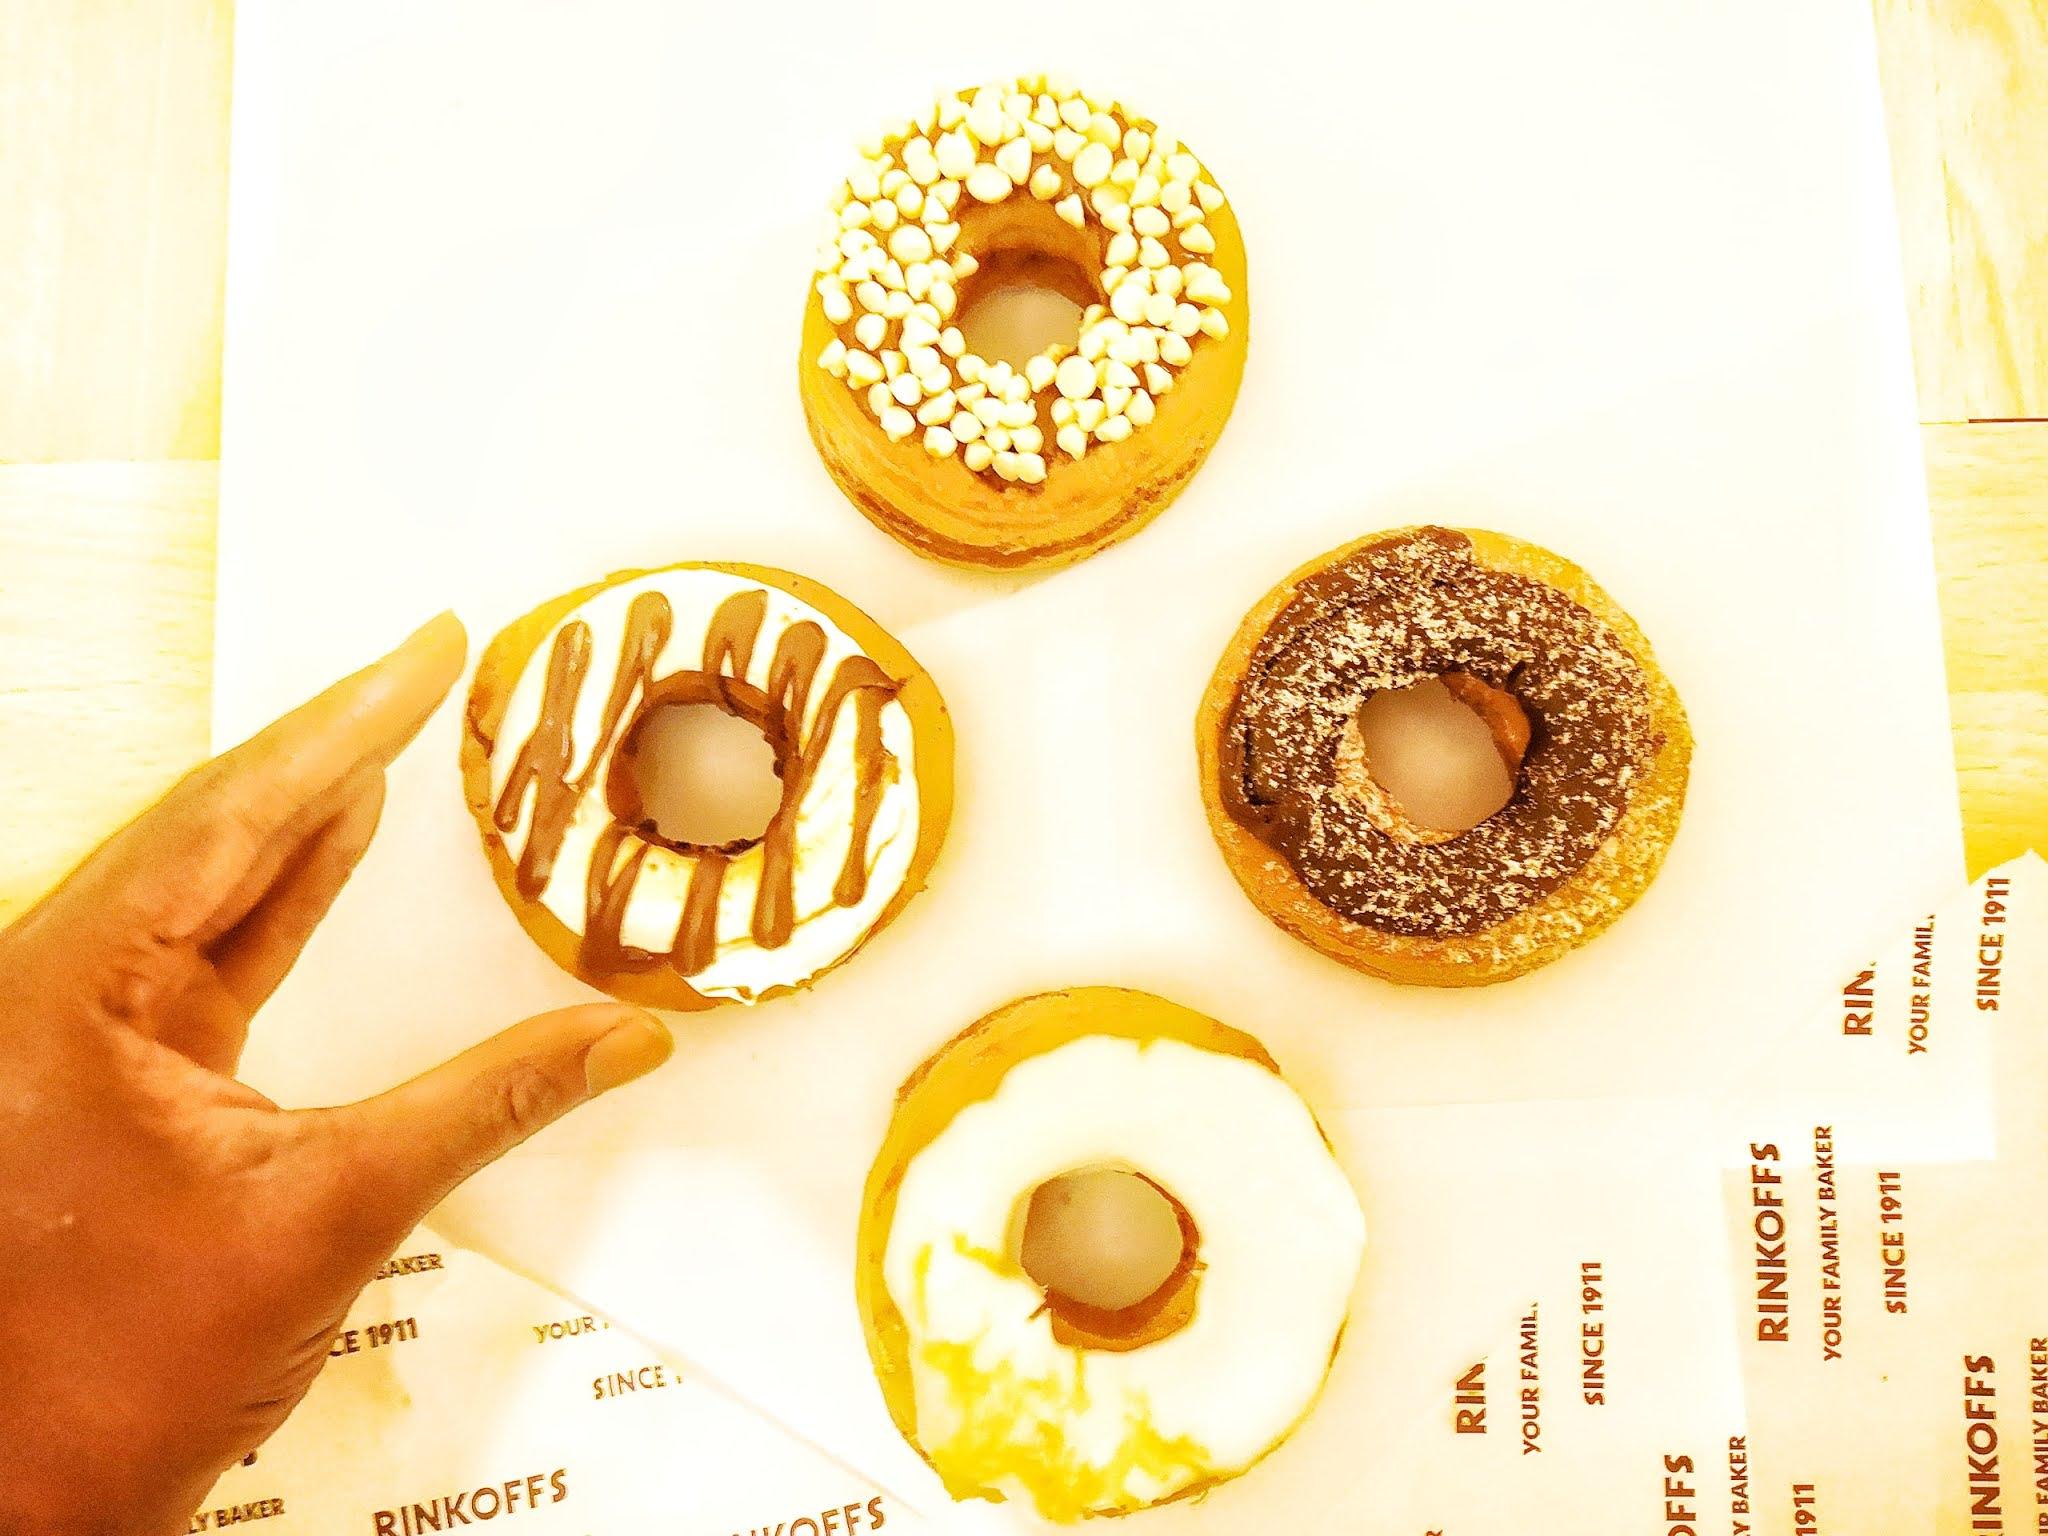 Best doughnuts